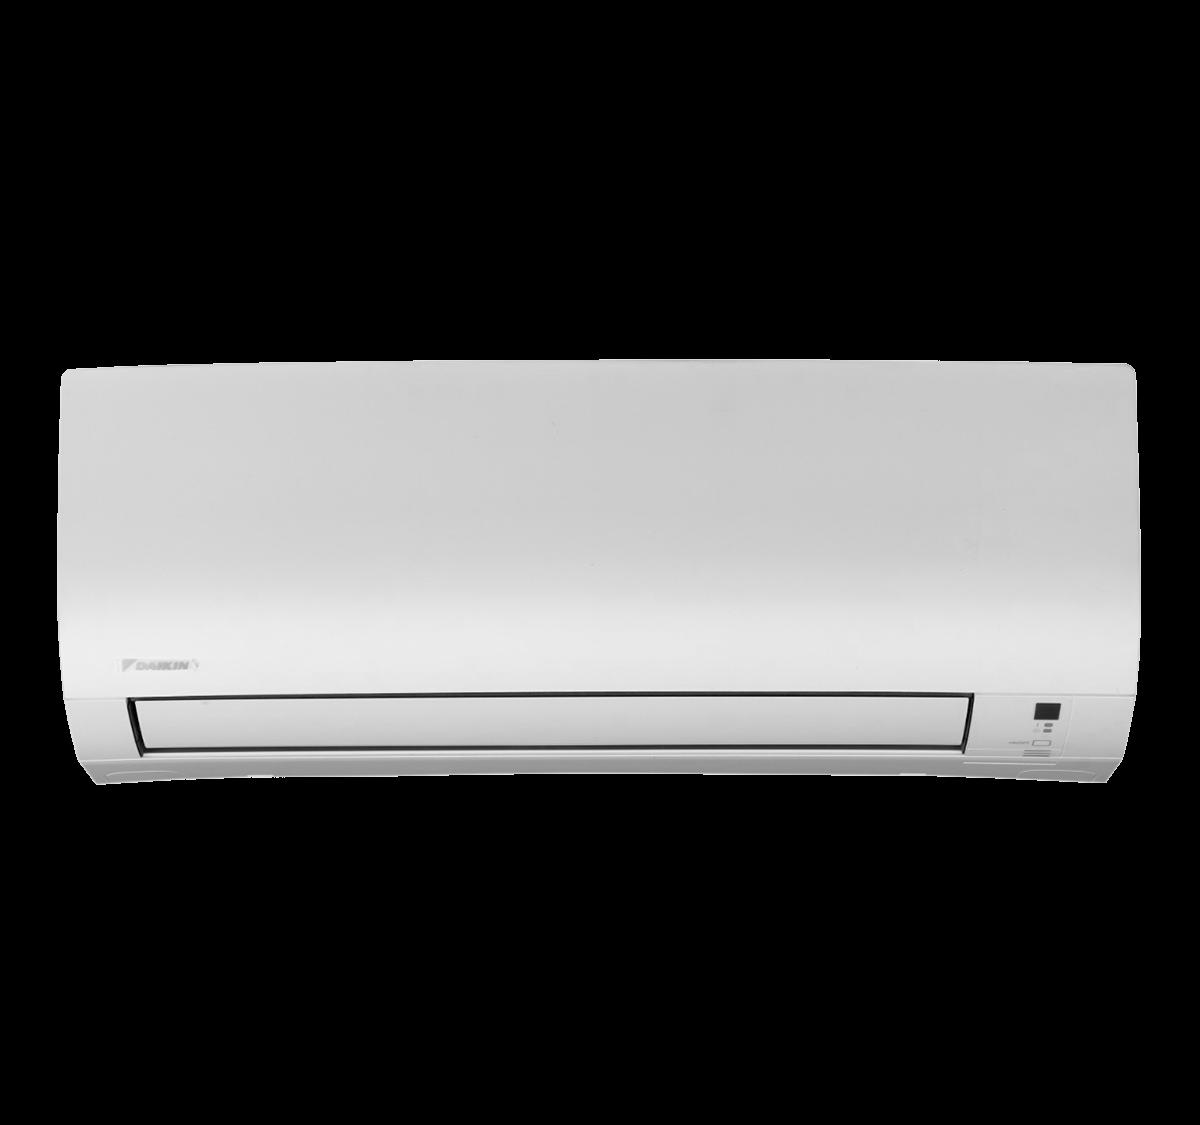 aire acondicionado unidad interior daikin inverter bluevolution modelo comfora ftxp25m instalacion incluida caseragua